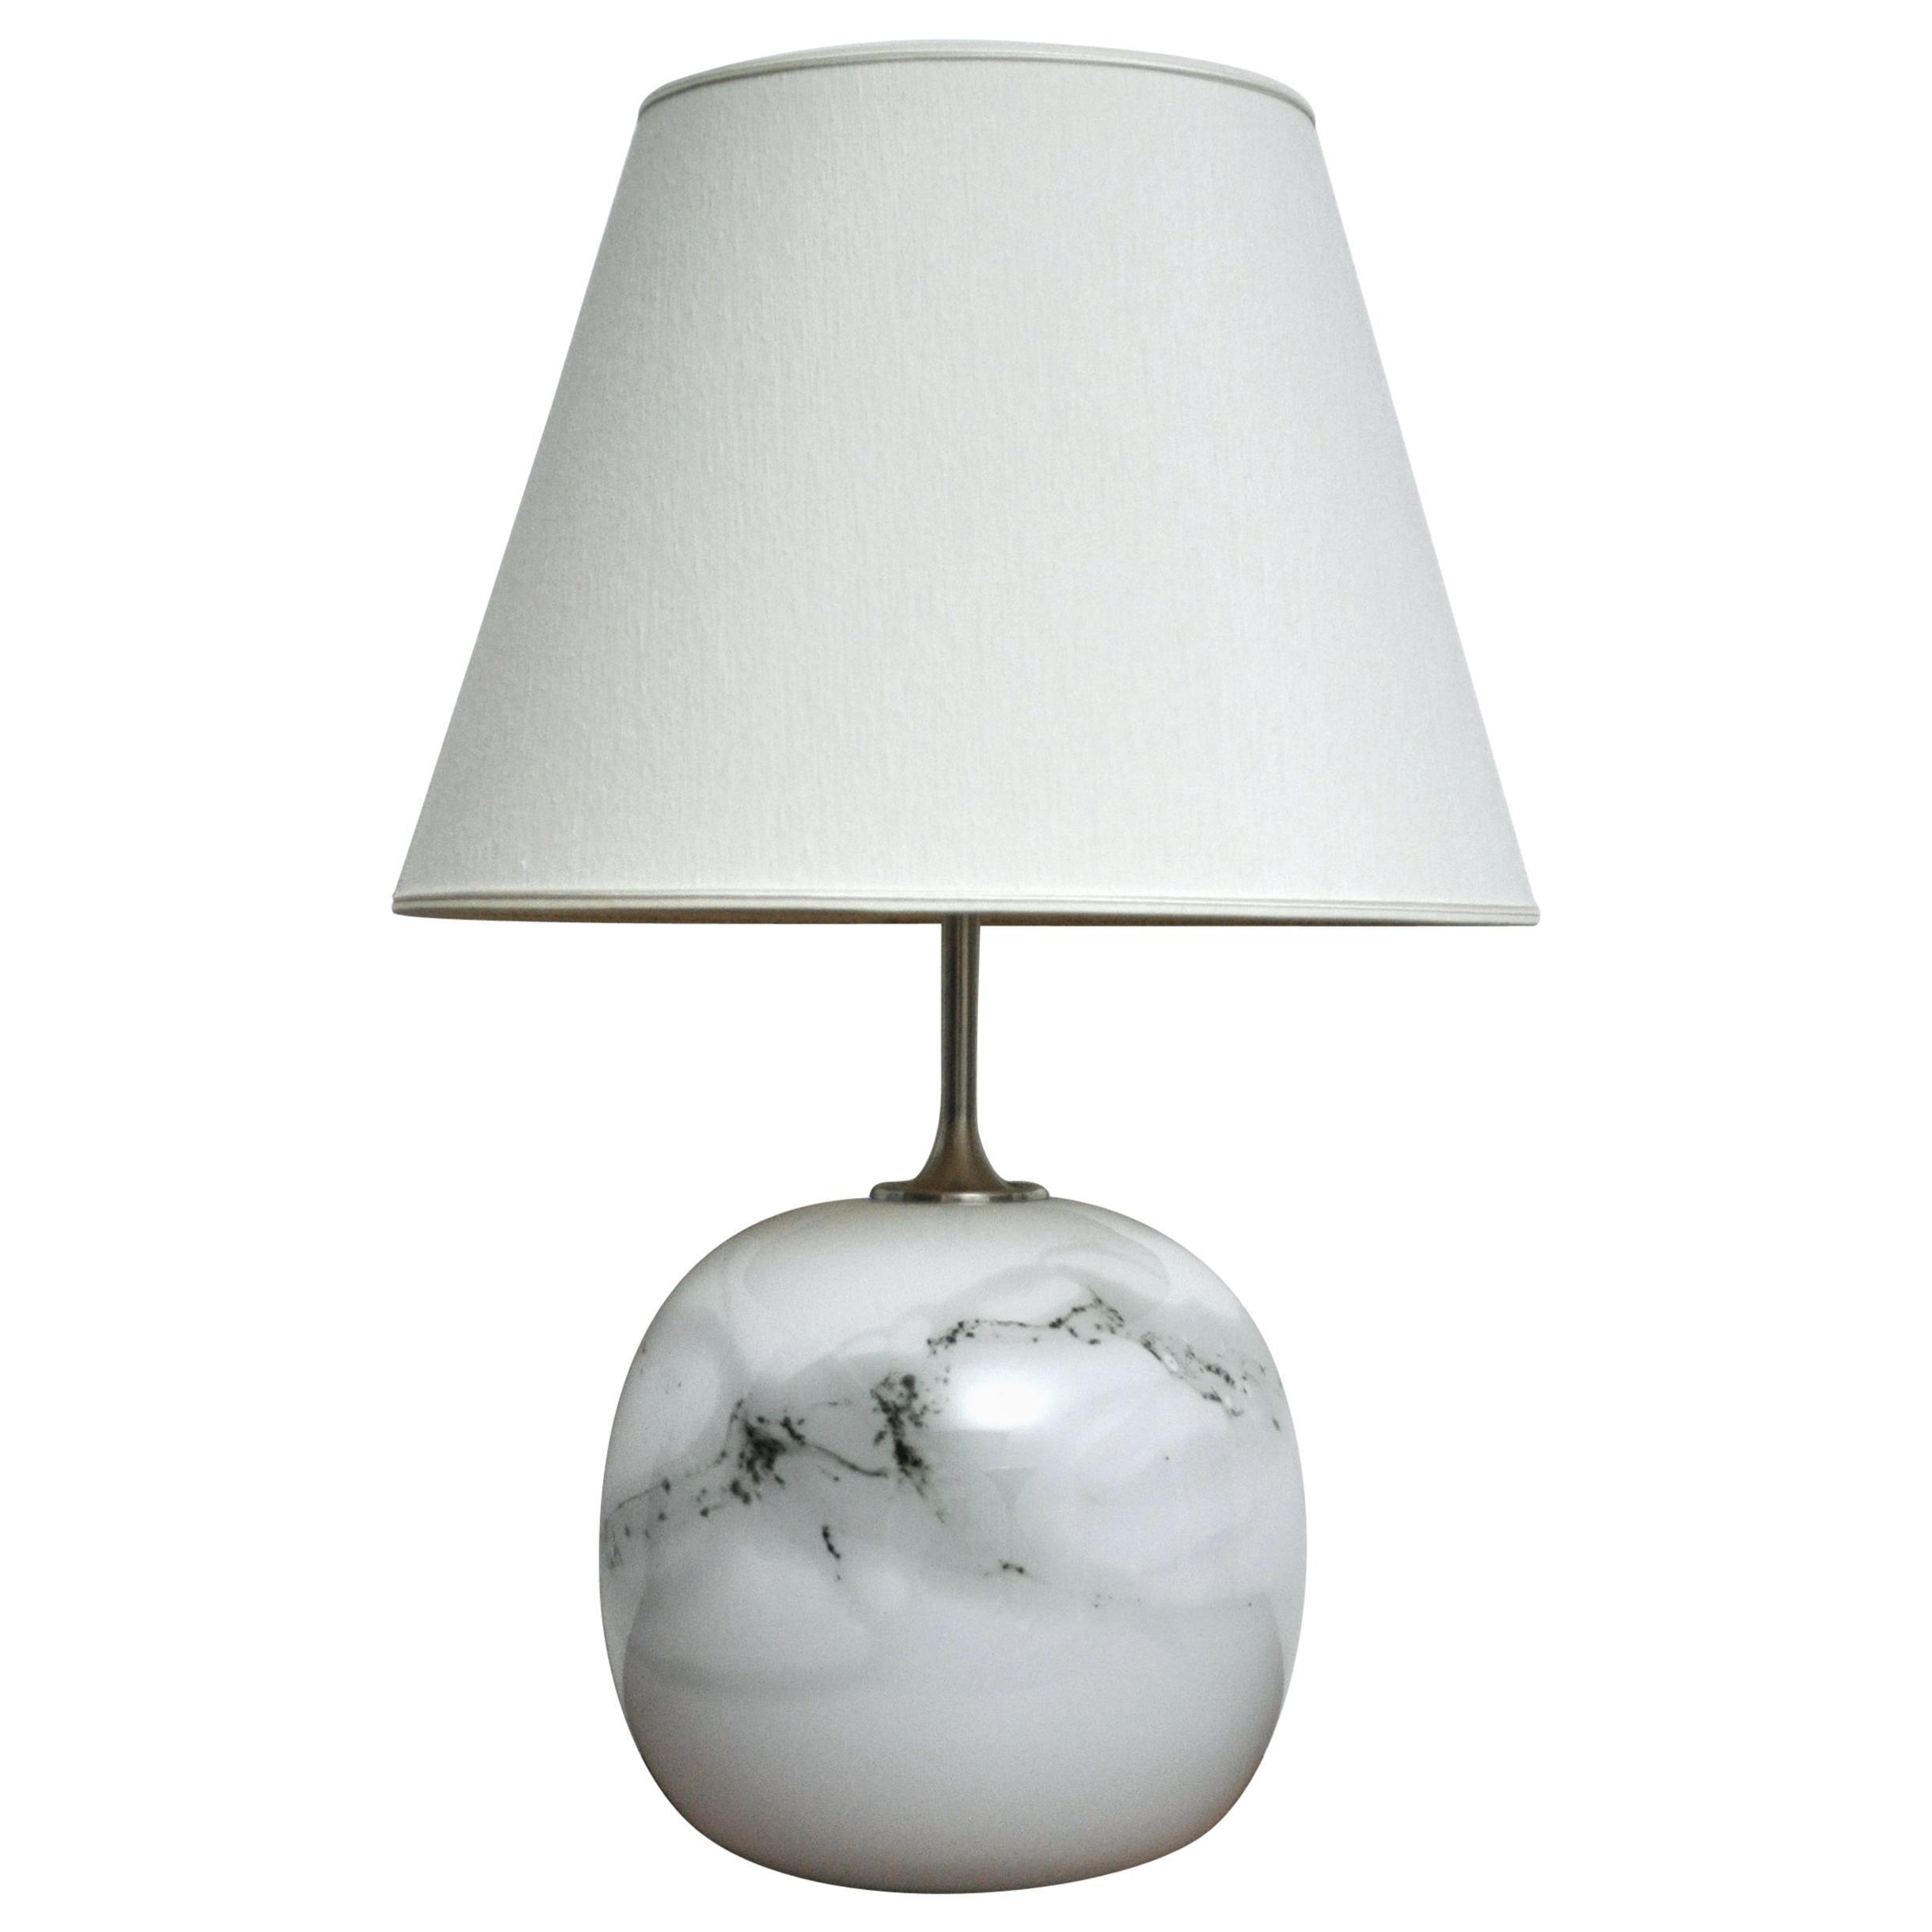 Glass Table Lamp by Michael Bang, Holmegaard Glasværk, 1982